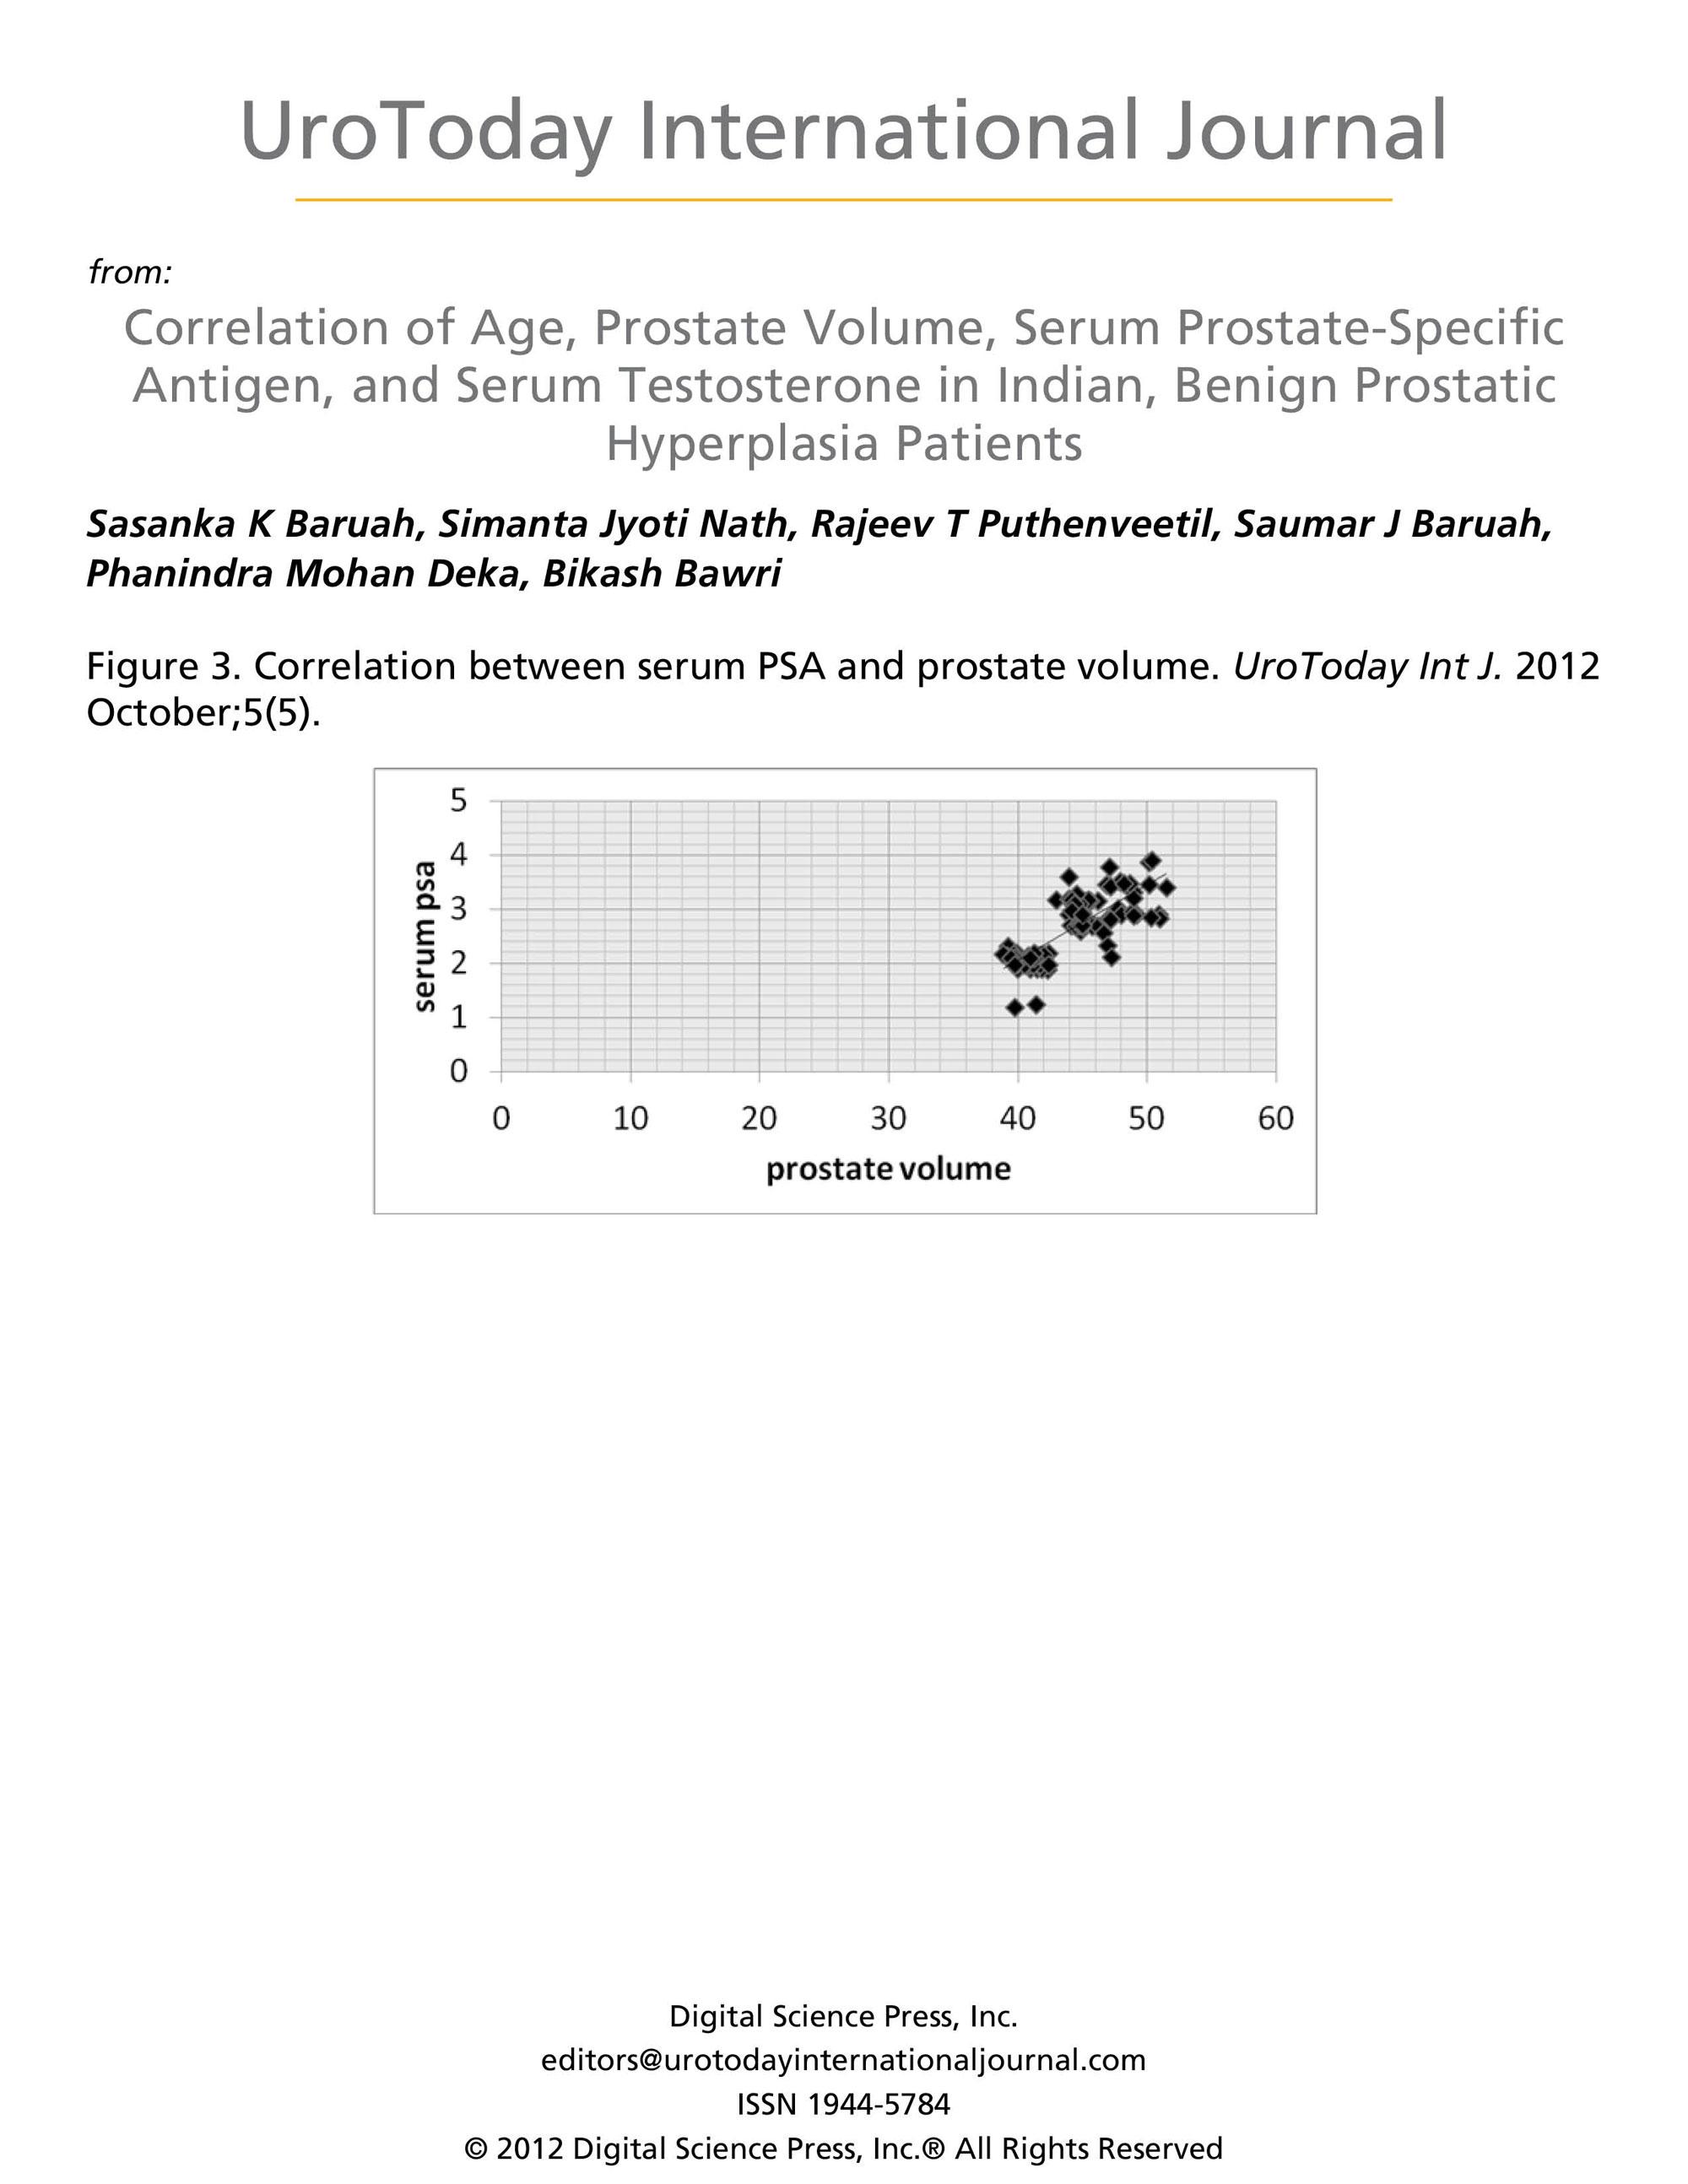 Correlation of Age, Prostate Volume, Serum Prostate-Specific Antigen